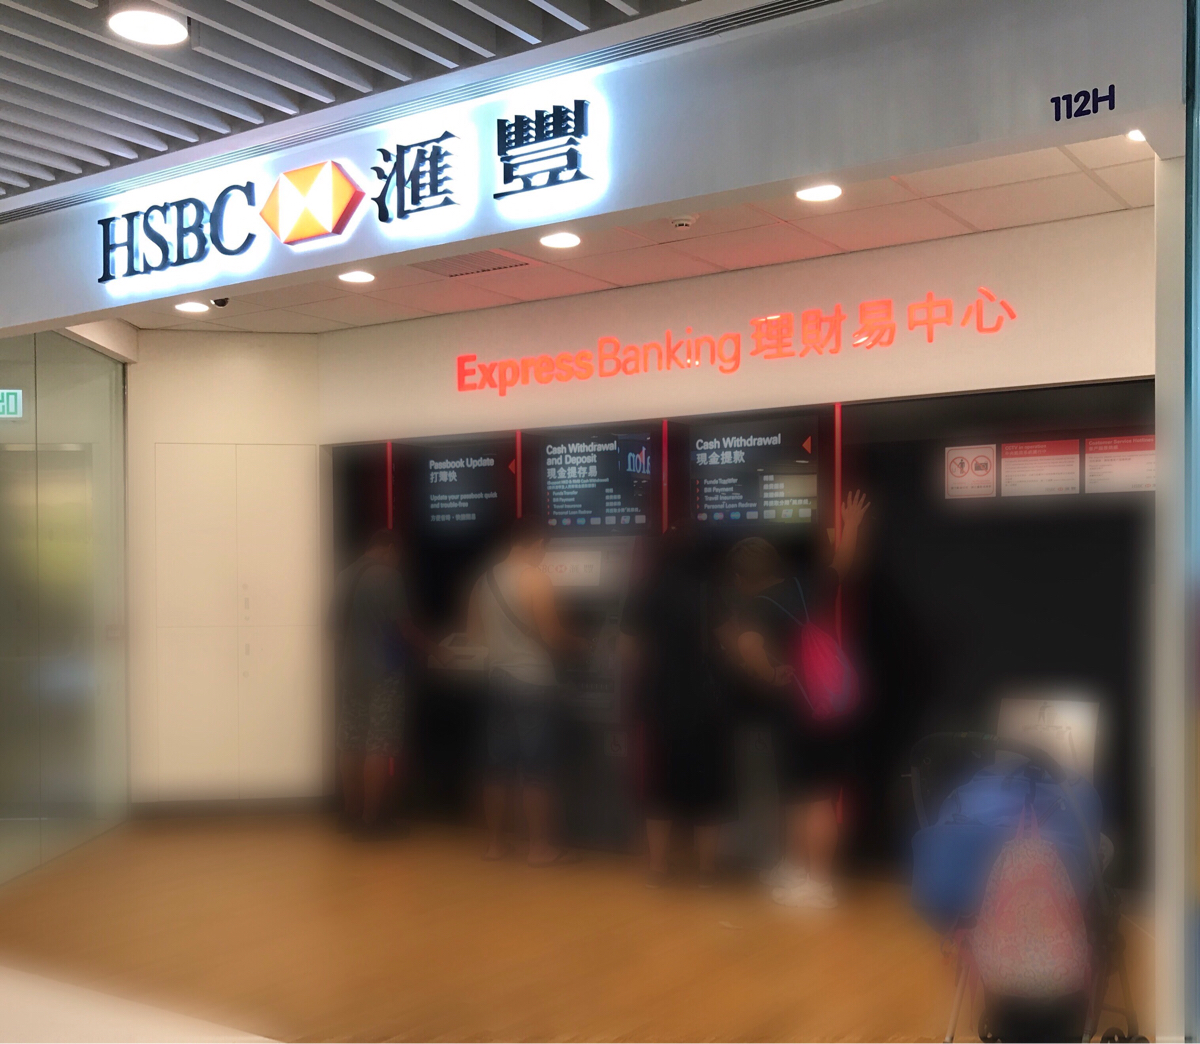 香港の「てっぱく」の建物は100年前以上前に建てられた歴史的な駅舎です〜 香港鐵路博物館(Hong Kong Railway Museum)@Tai Po Market(前編)